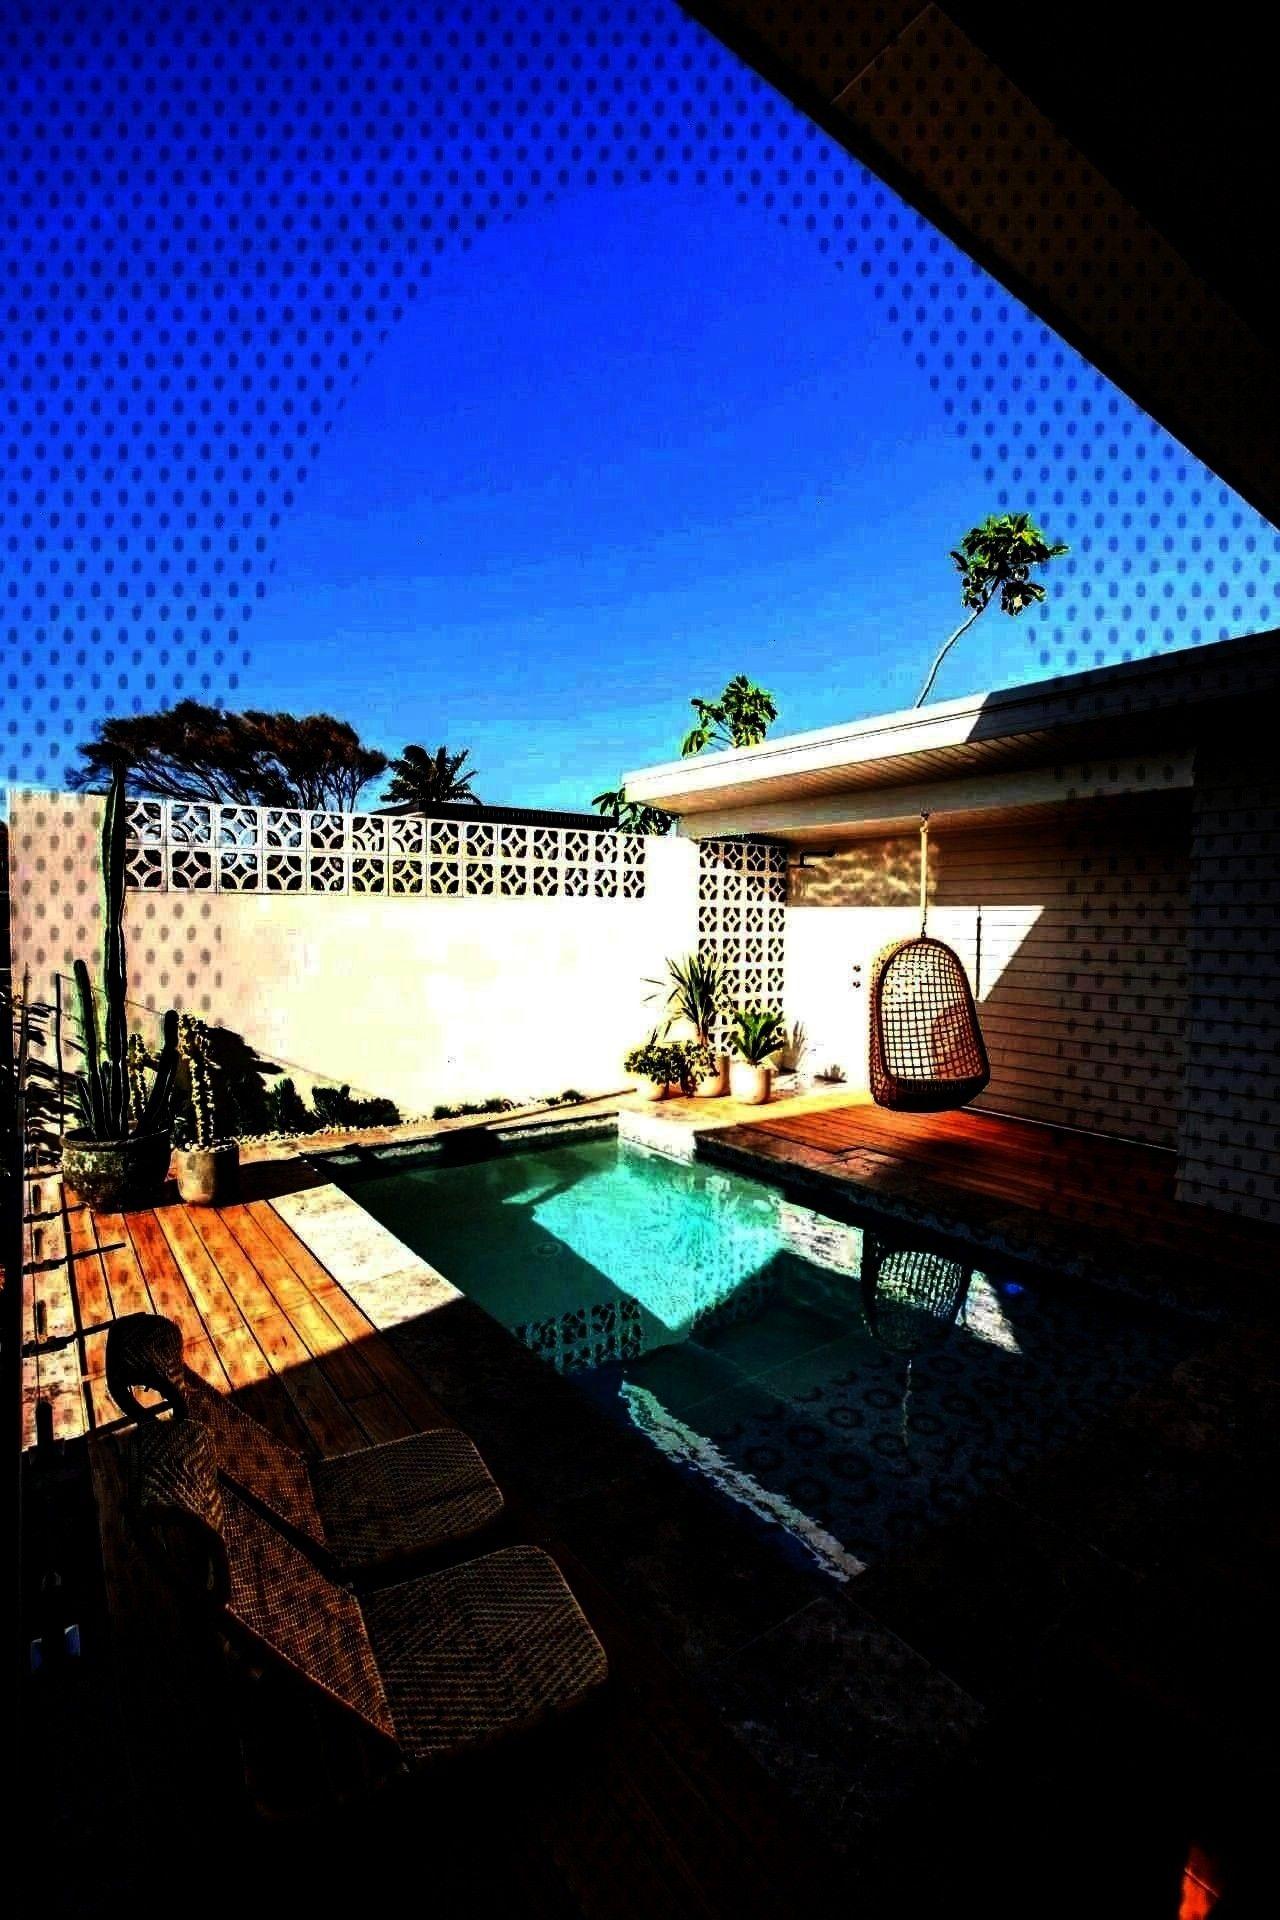 Endless Ocean View, Breathtaking Sunrises, Luxury Home in Palmas del Mar (SC9)pool, Plunge pool,